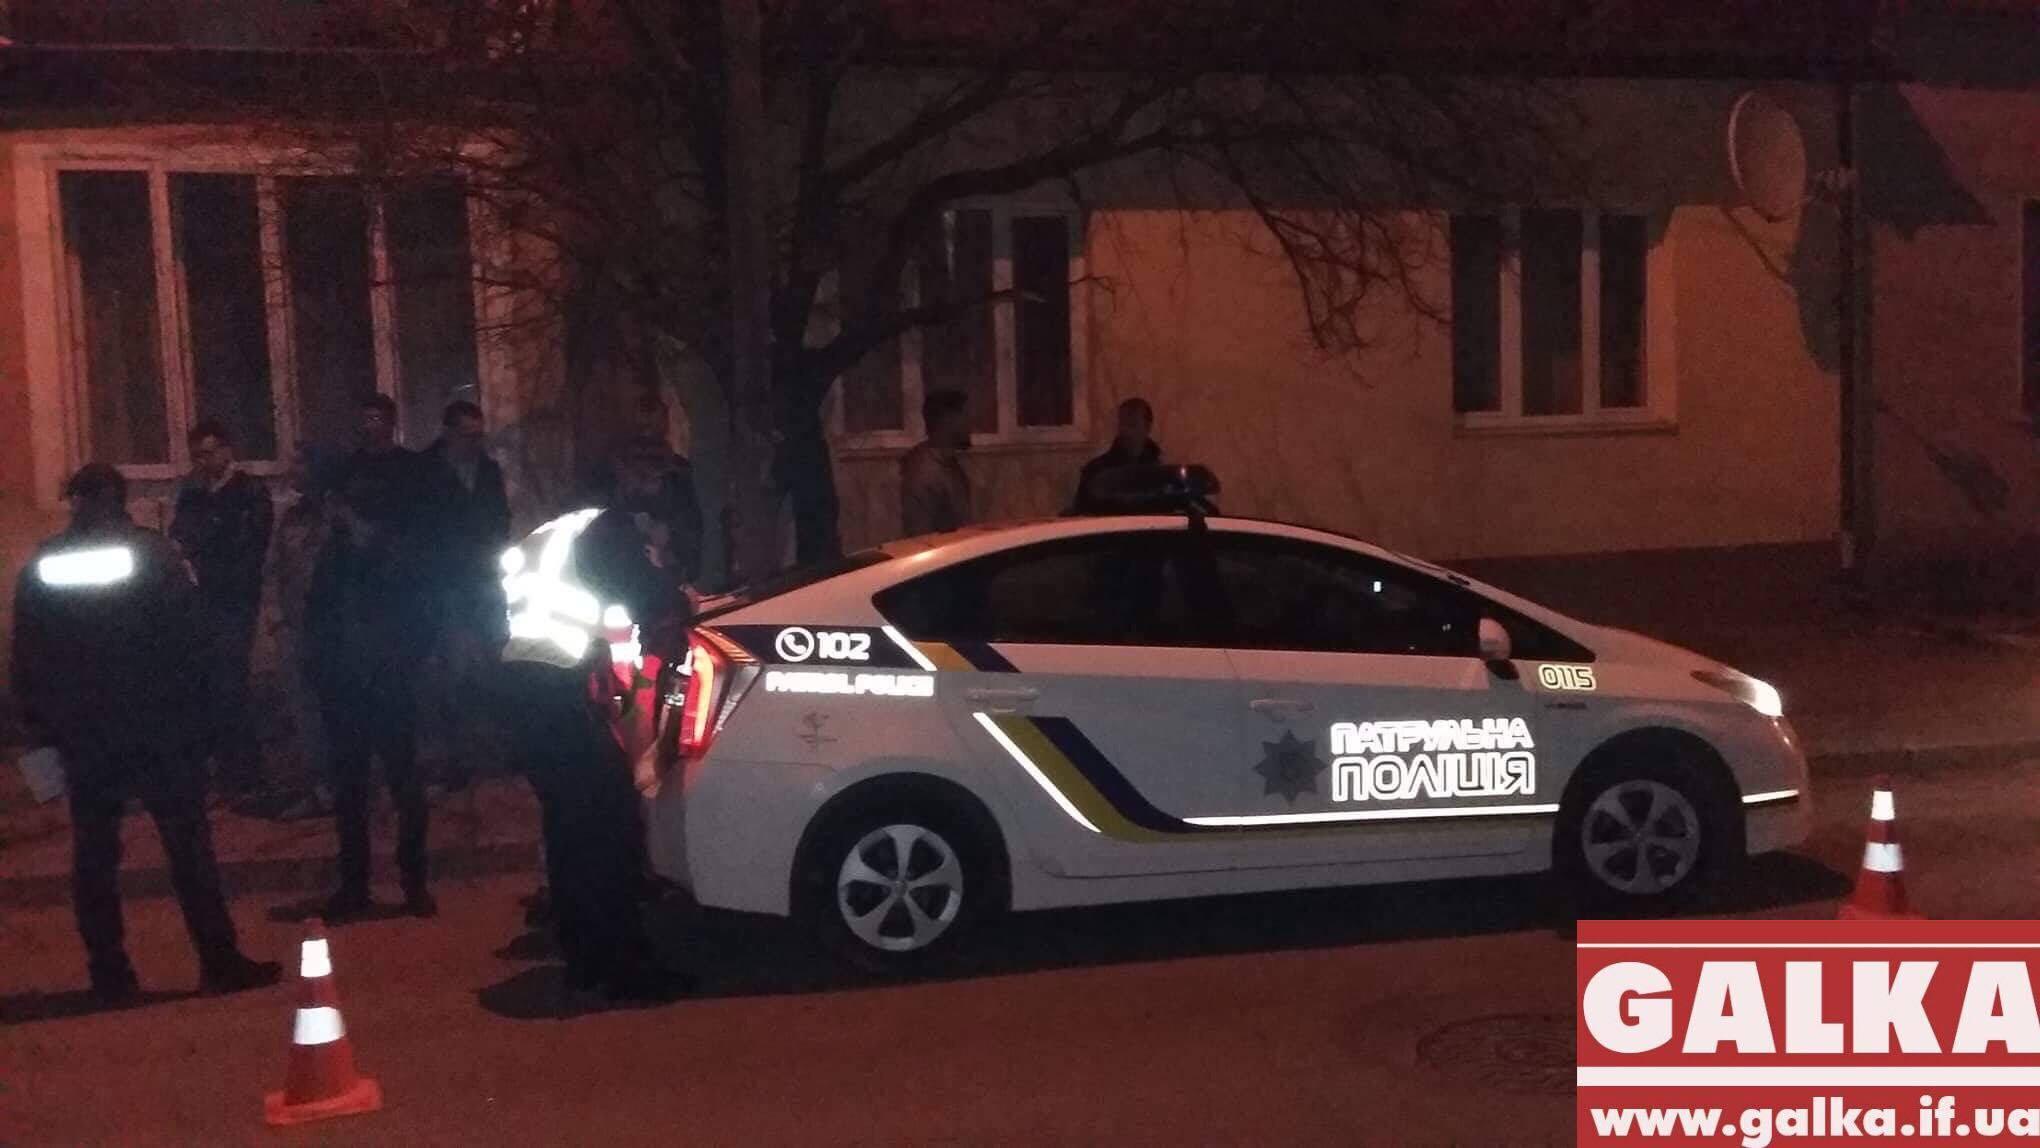 В Івано-Франківську молодий водій у п'яному стані розбив свій щойно придбаний автомобіль, при цьому ледь не збив випадкову перехожу (фоторепортаж)